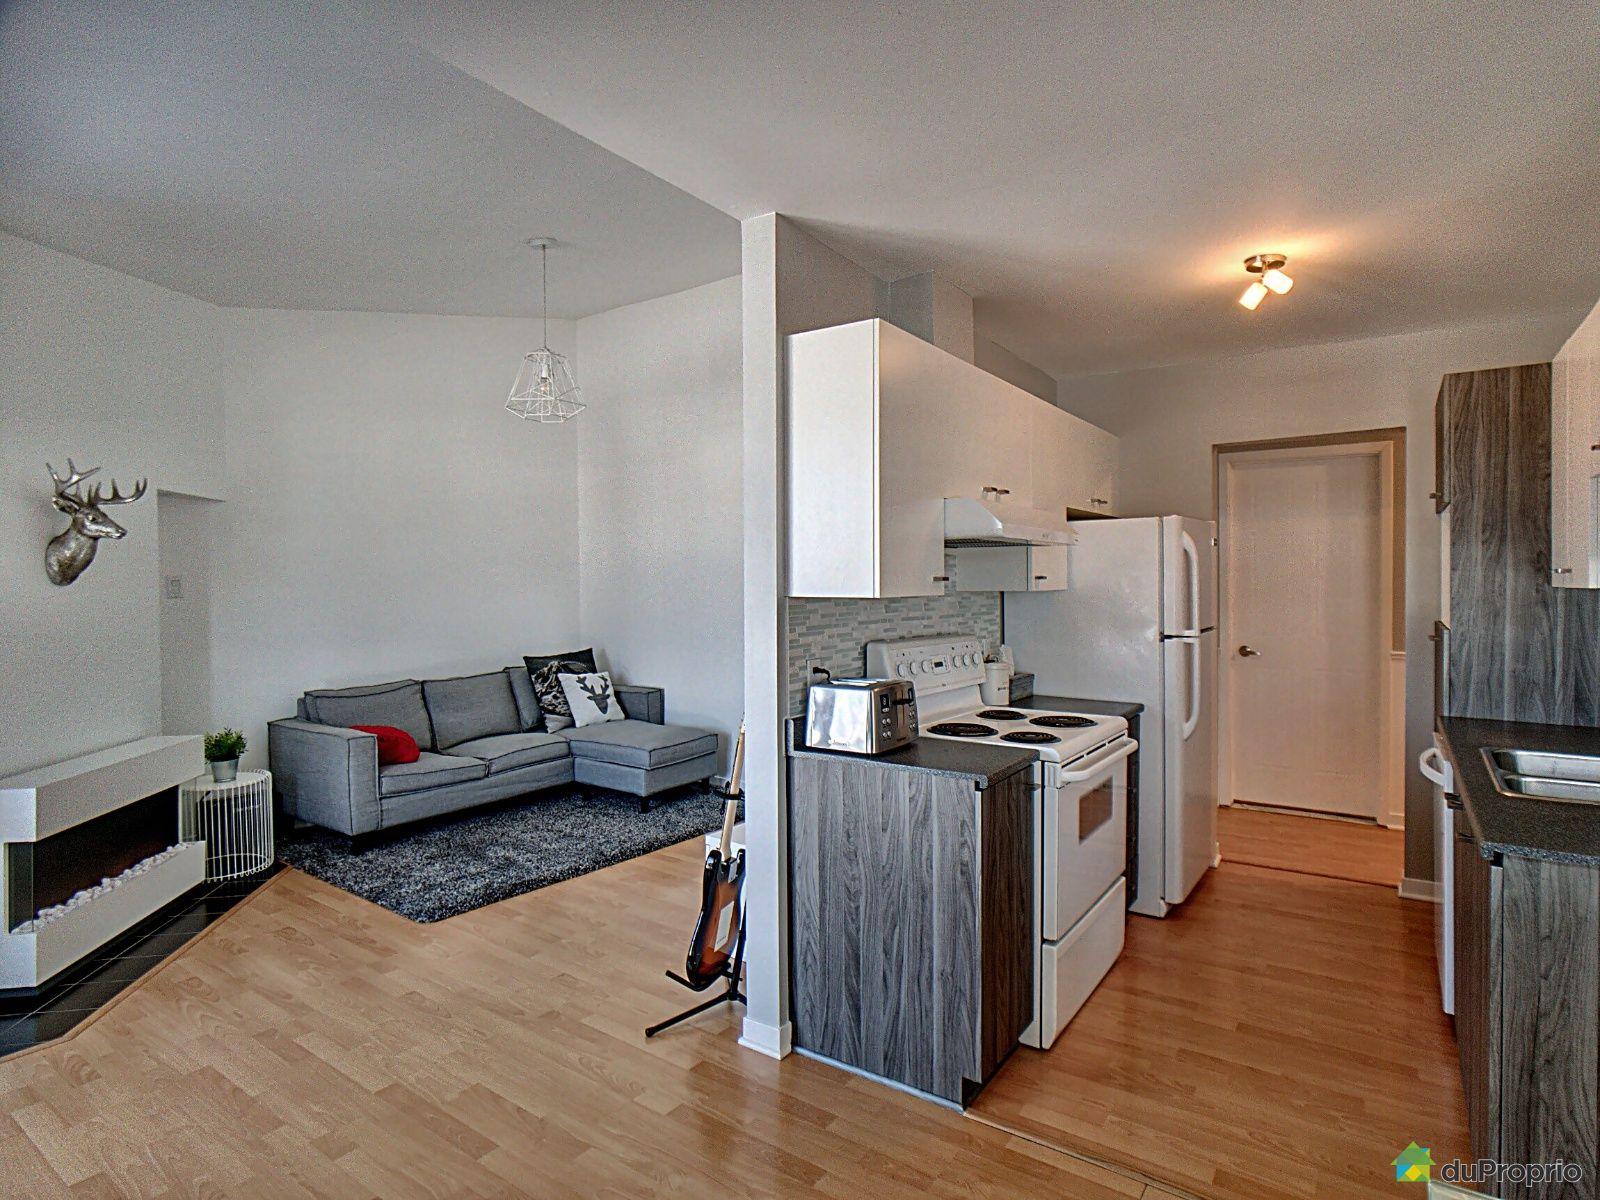 Living Room - 304-710 rue Bélanger, St-Jérôme (Lafontaine) for sale